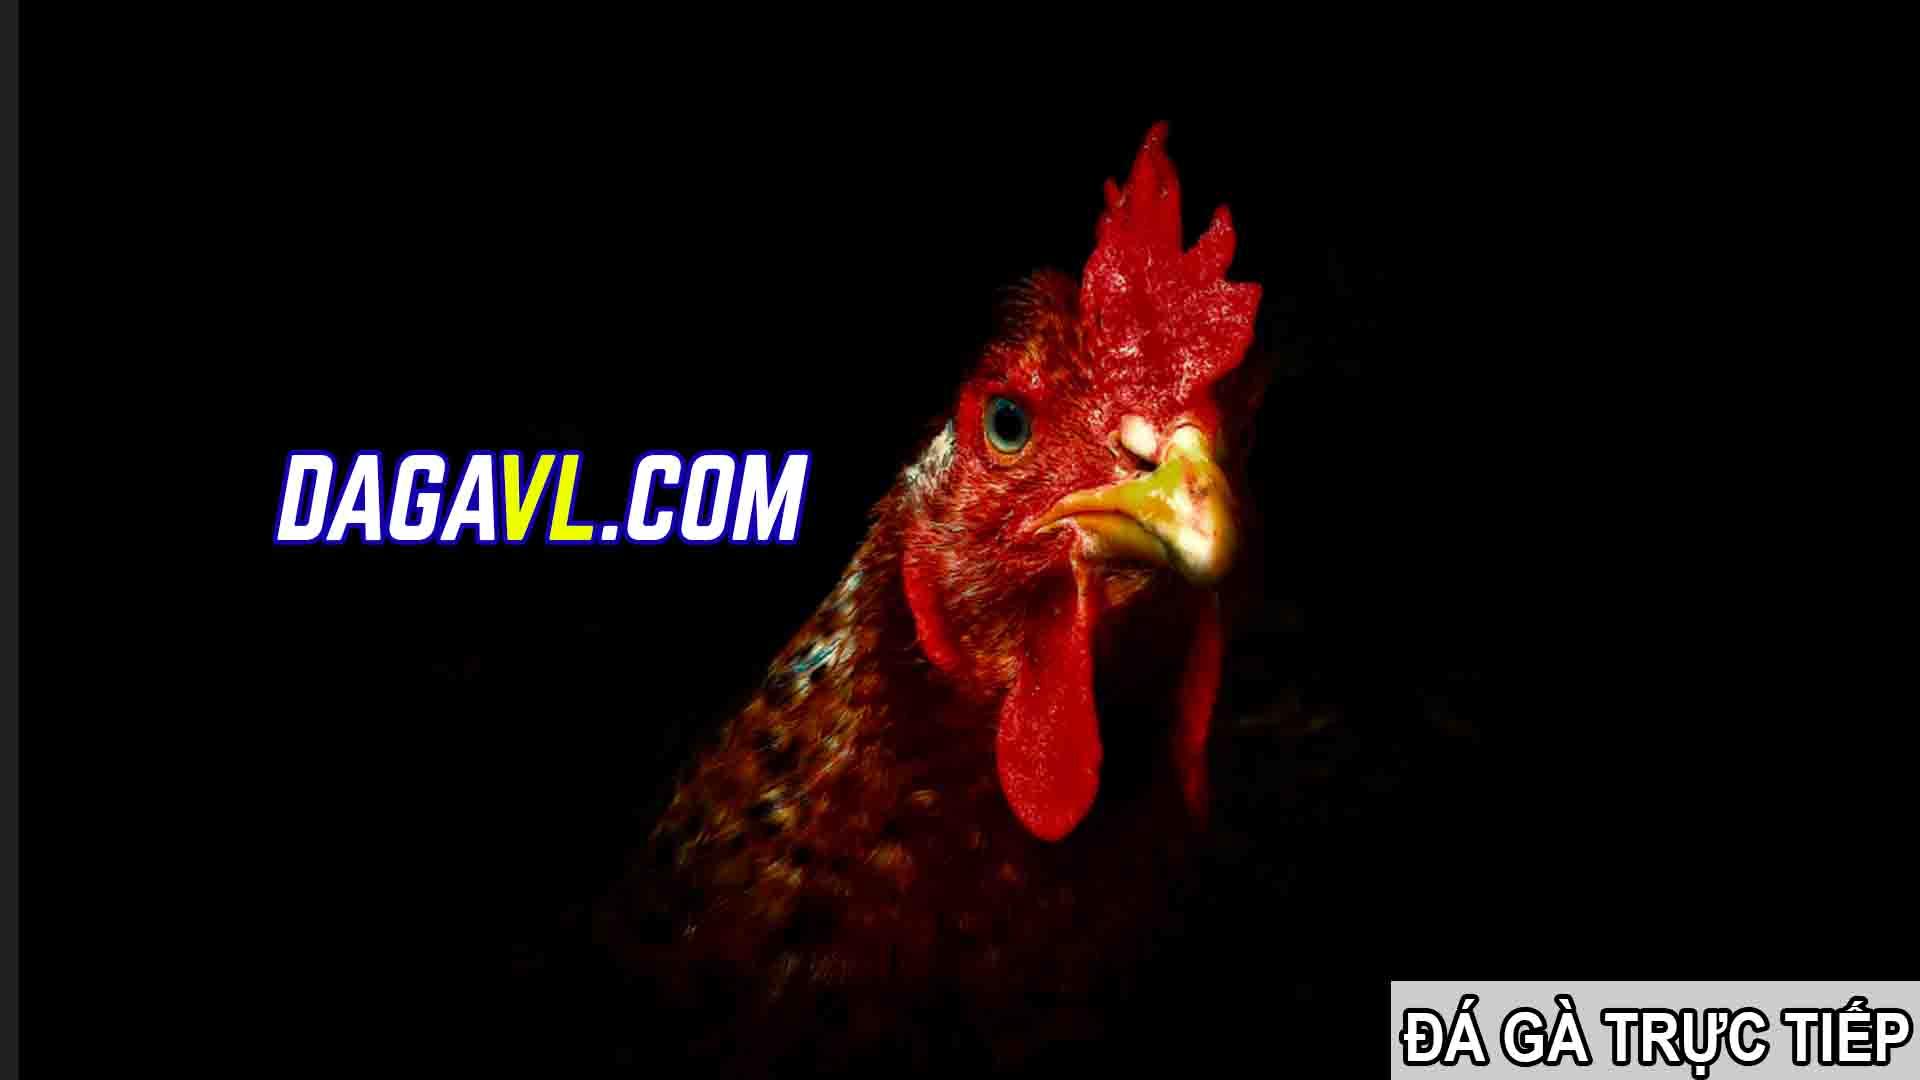 DAGAVL.COM - đá gà trực tiếp. Tác hại của việc nhổ lông gà đá (PHẦN 2)